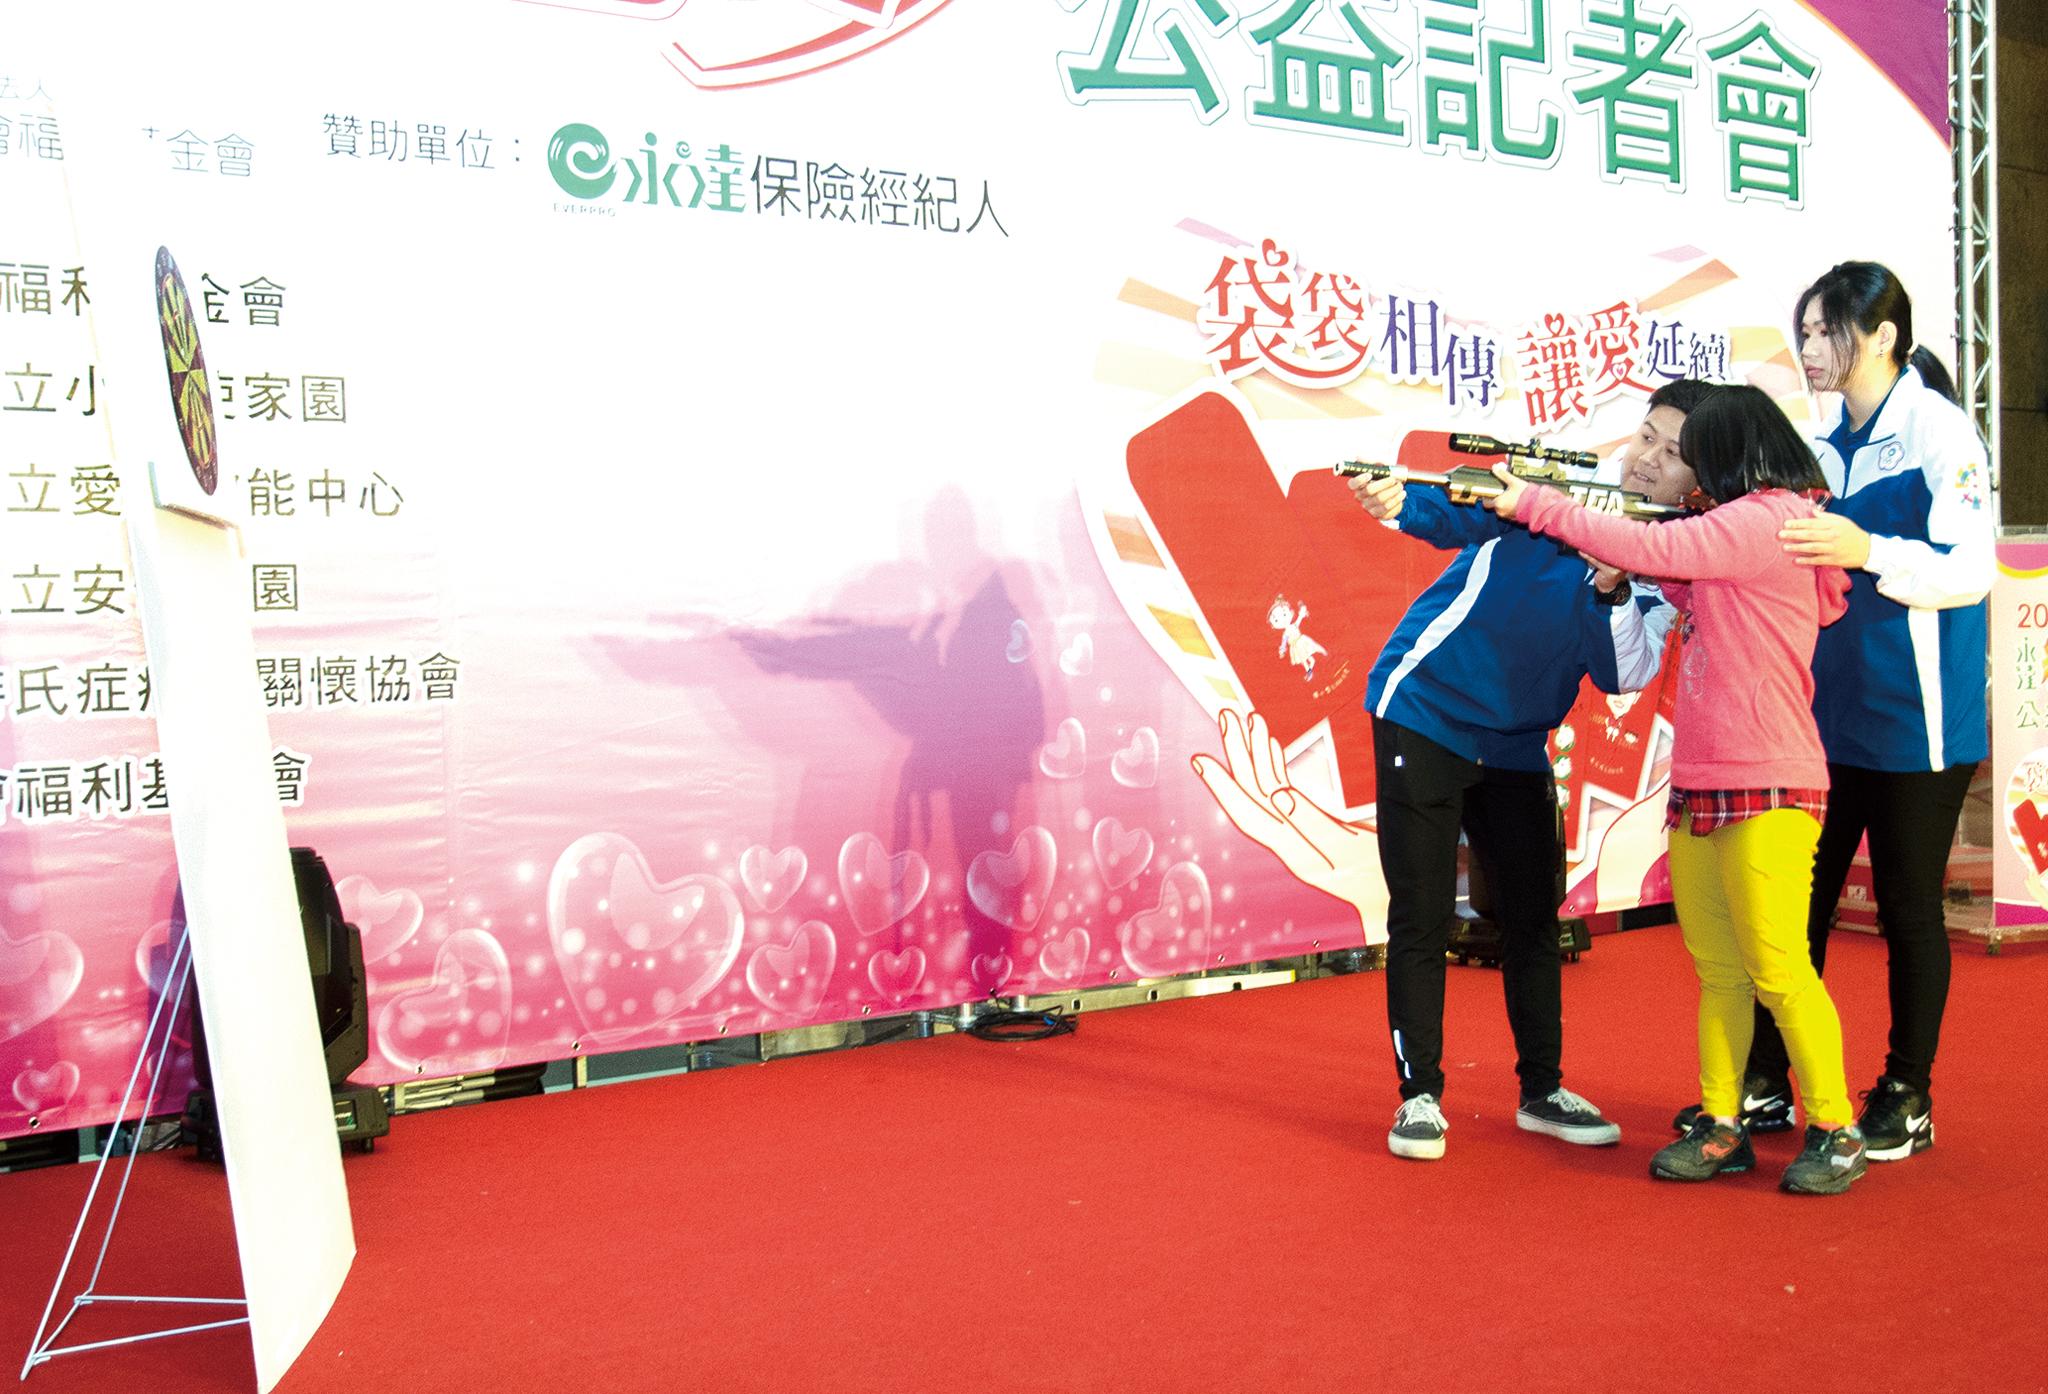 空氣槍神射手-林穎欣 (右1)、呂紹全 (左1) 教唐氏症孩子體驗射擊。